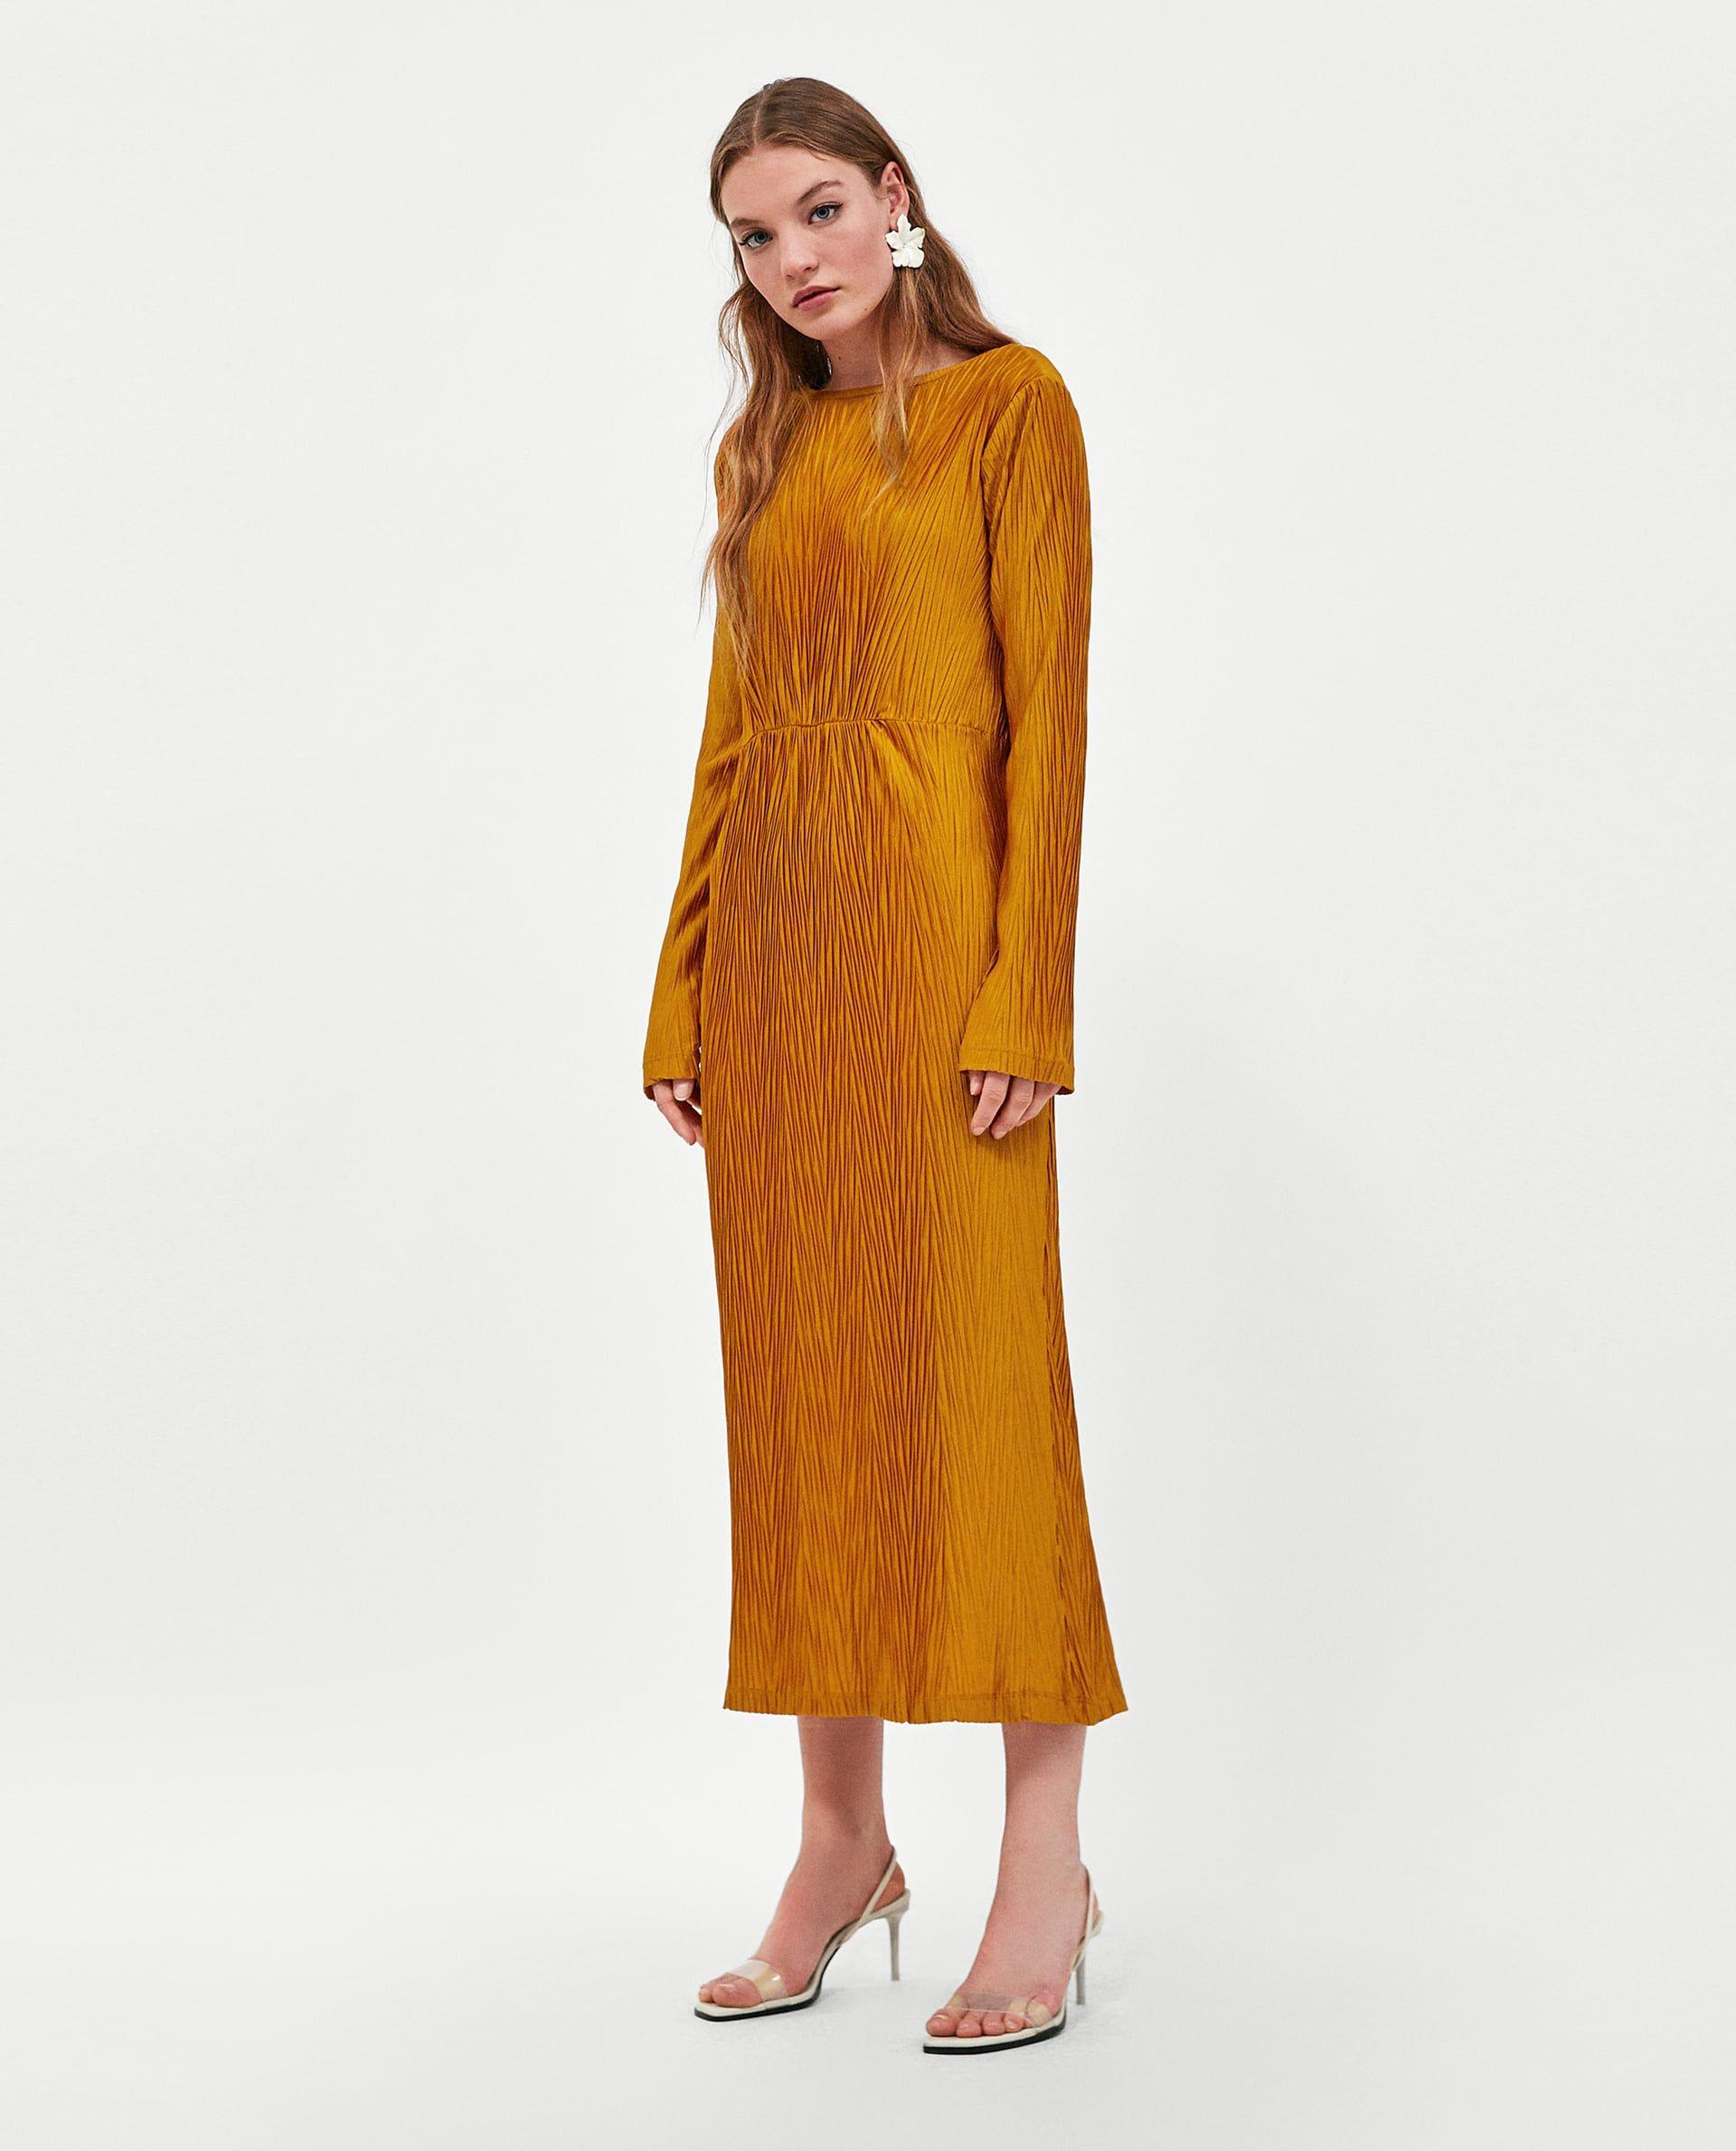 Zara vestito lungo giallo